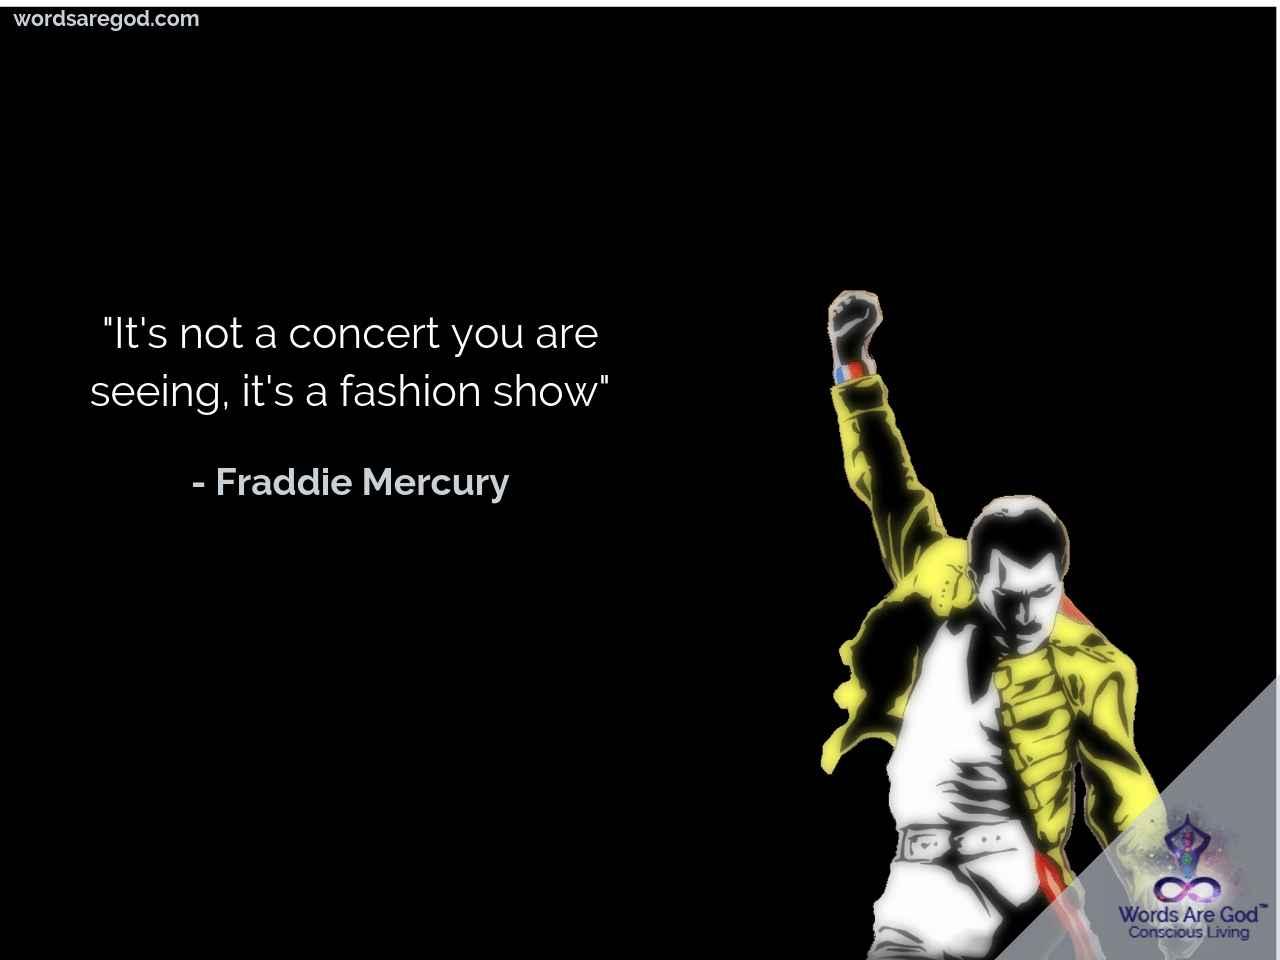 freddie mercury quotes quotes inspirational motivational quotes on freddie mercury quotes quotes